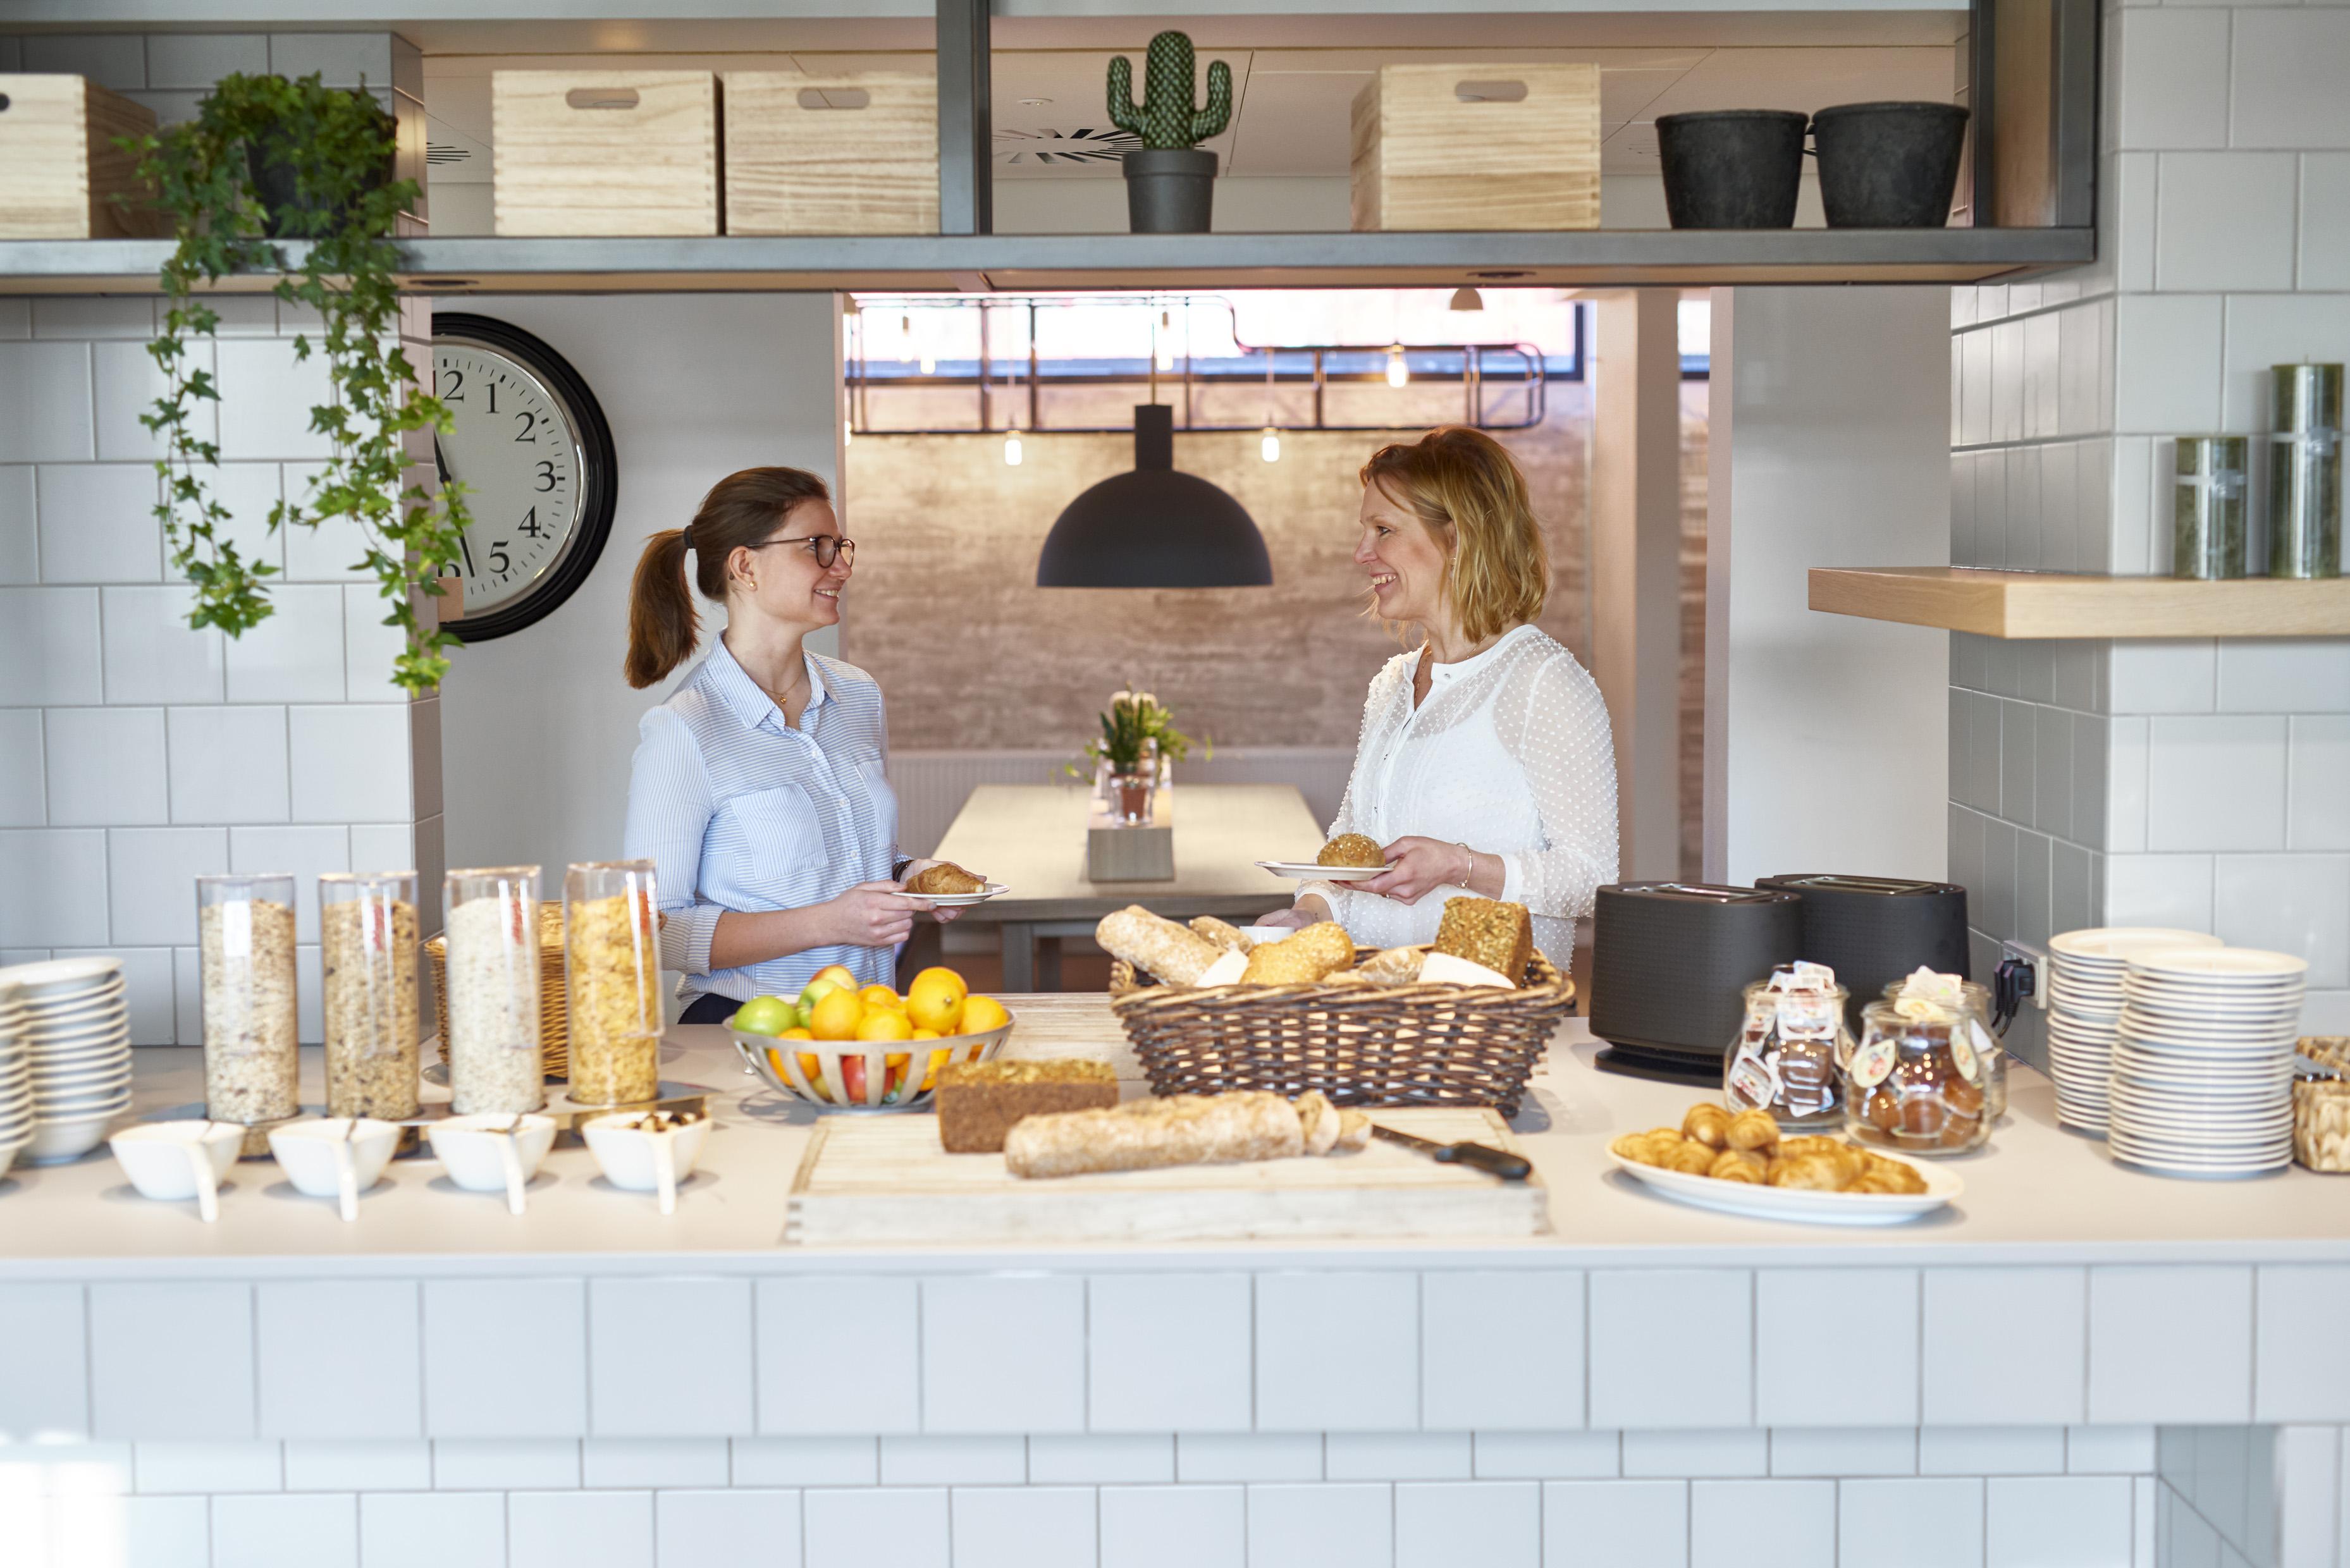 Den danske hotelkæde Zleep, der er ejet af tyske Deutsche Hospitality, dropper nu plastik, hvor det er muligt, ved blandt andet sin morgenmadsservering. Arkivfoto fra Zleep Hotels.